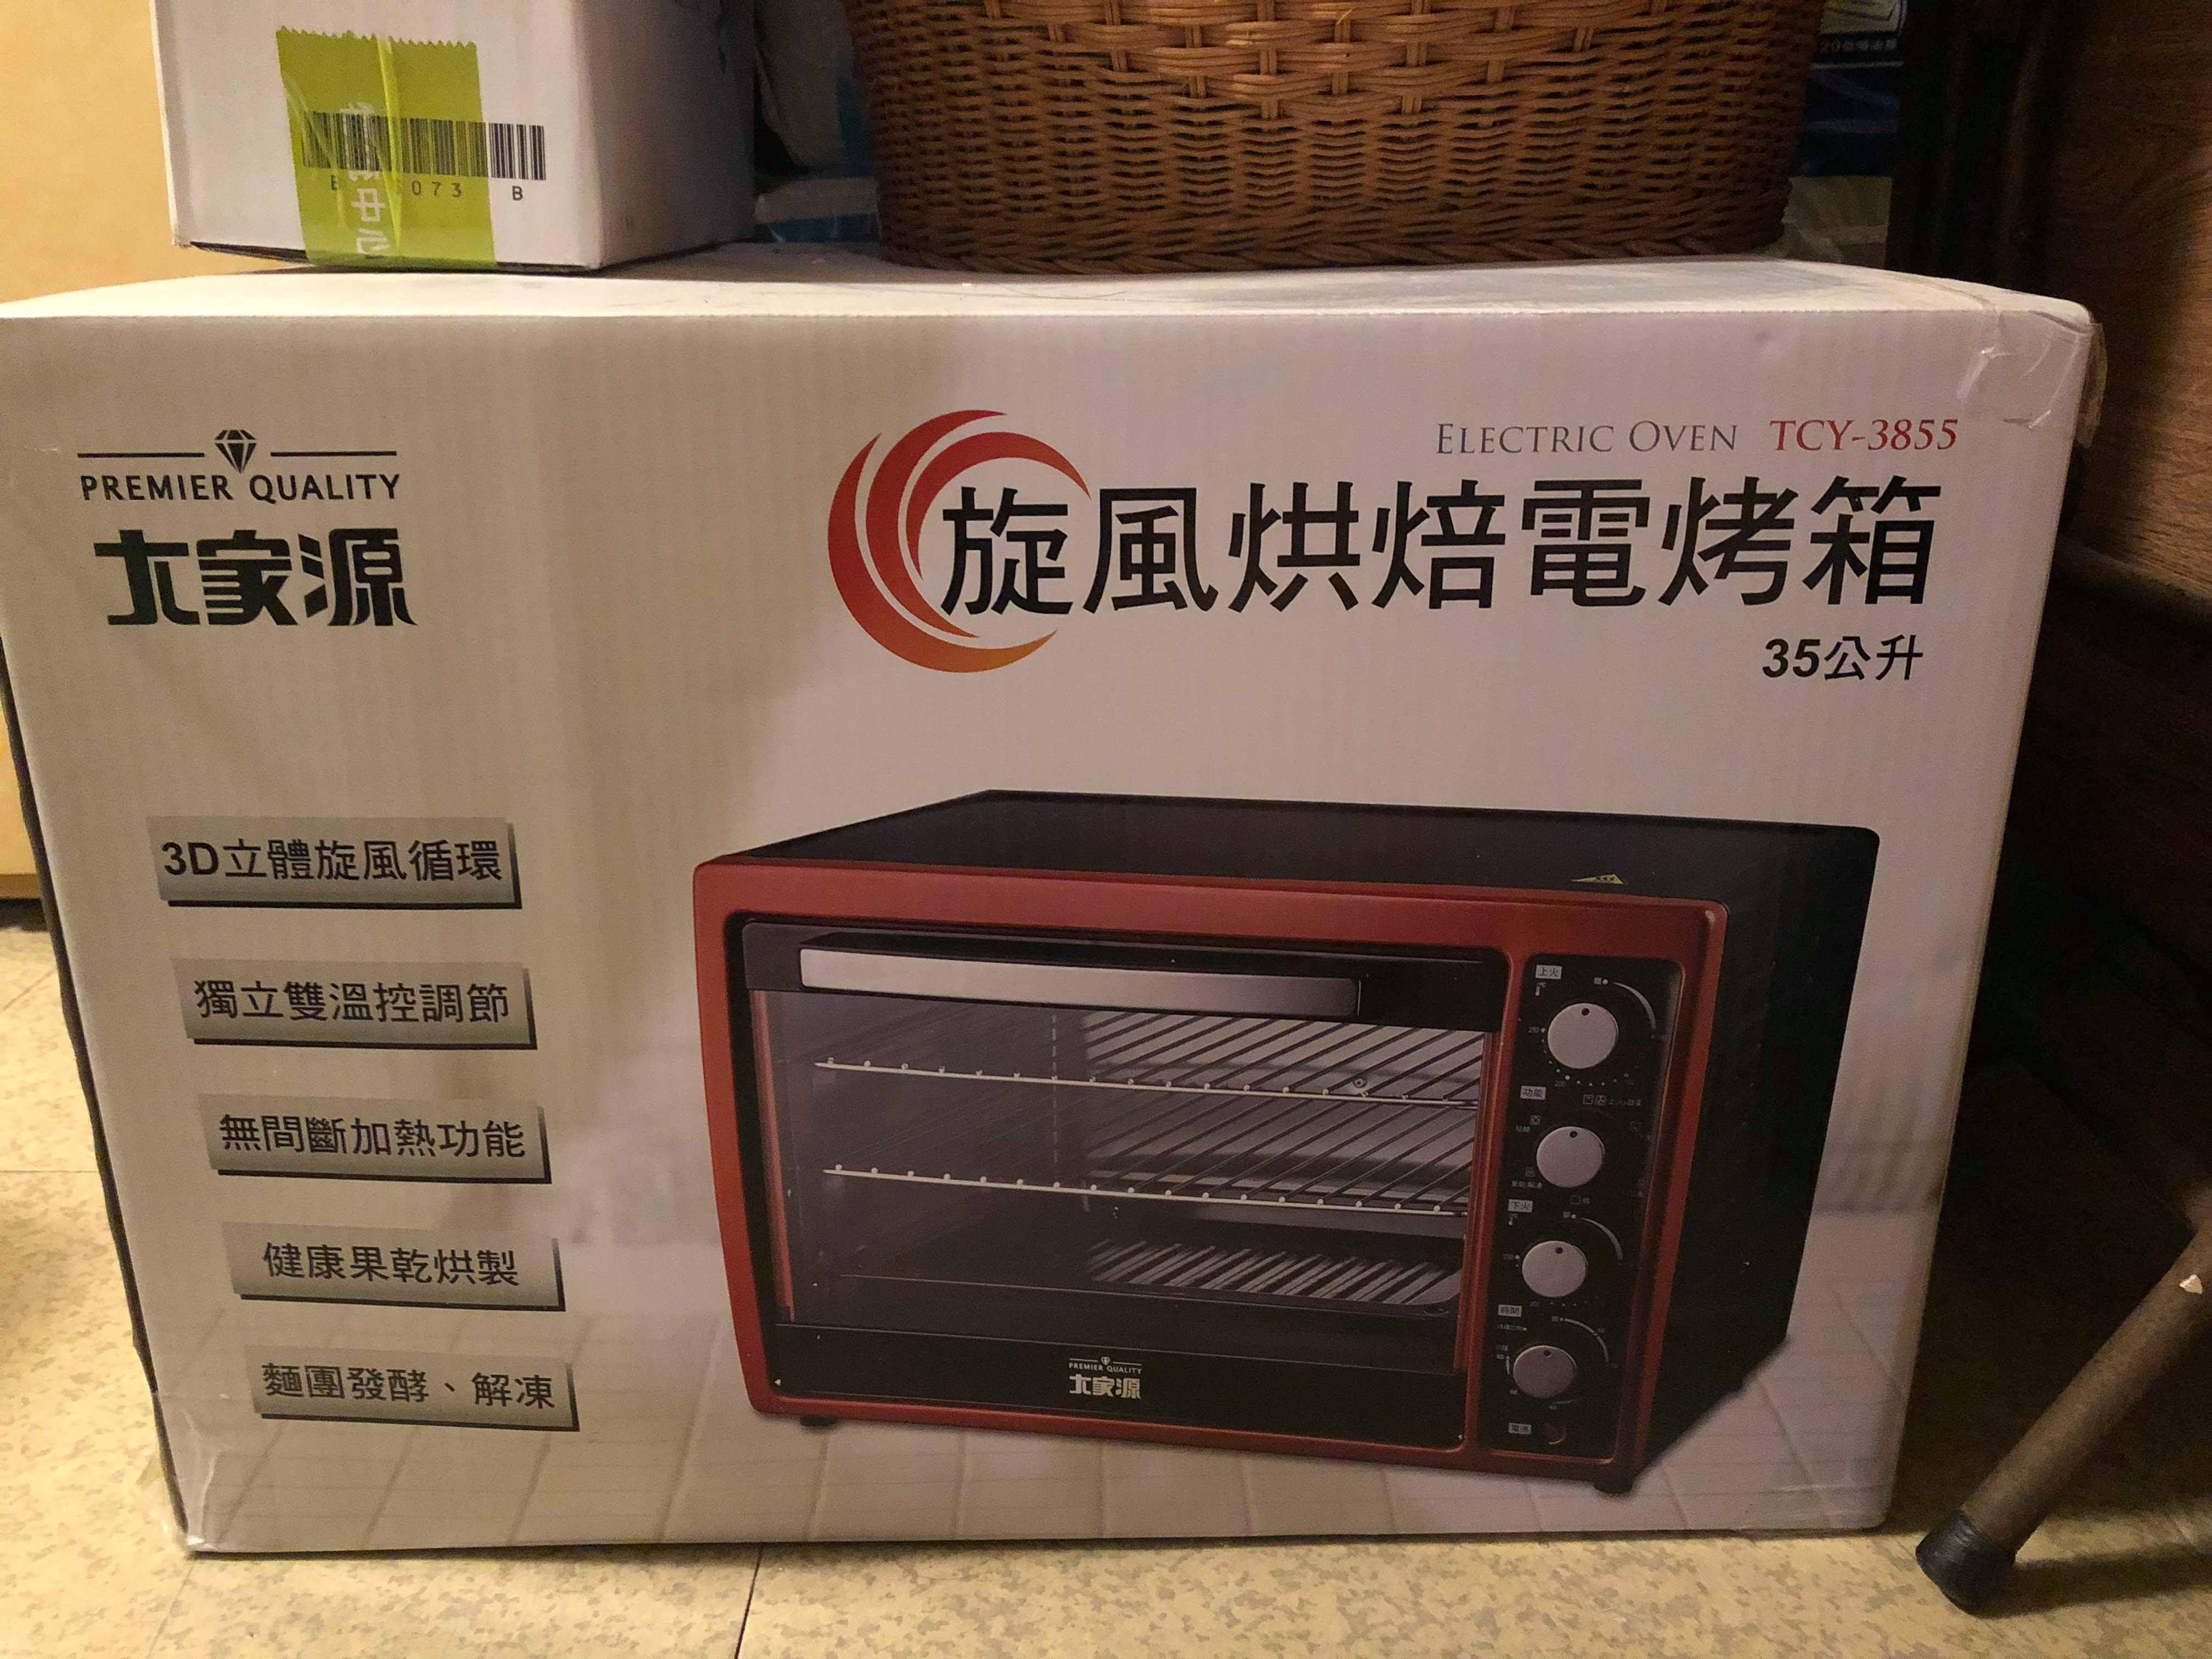 大家源旋風烘焙電烤箱tcy-3855